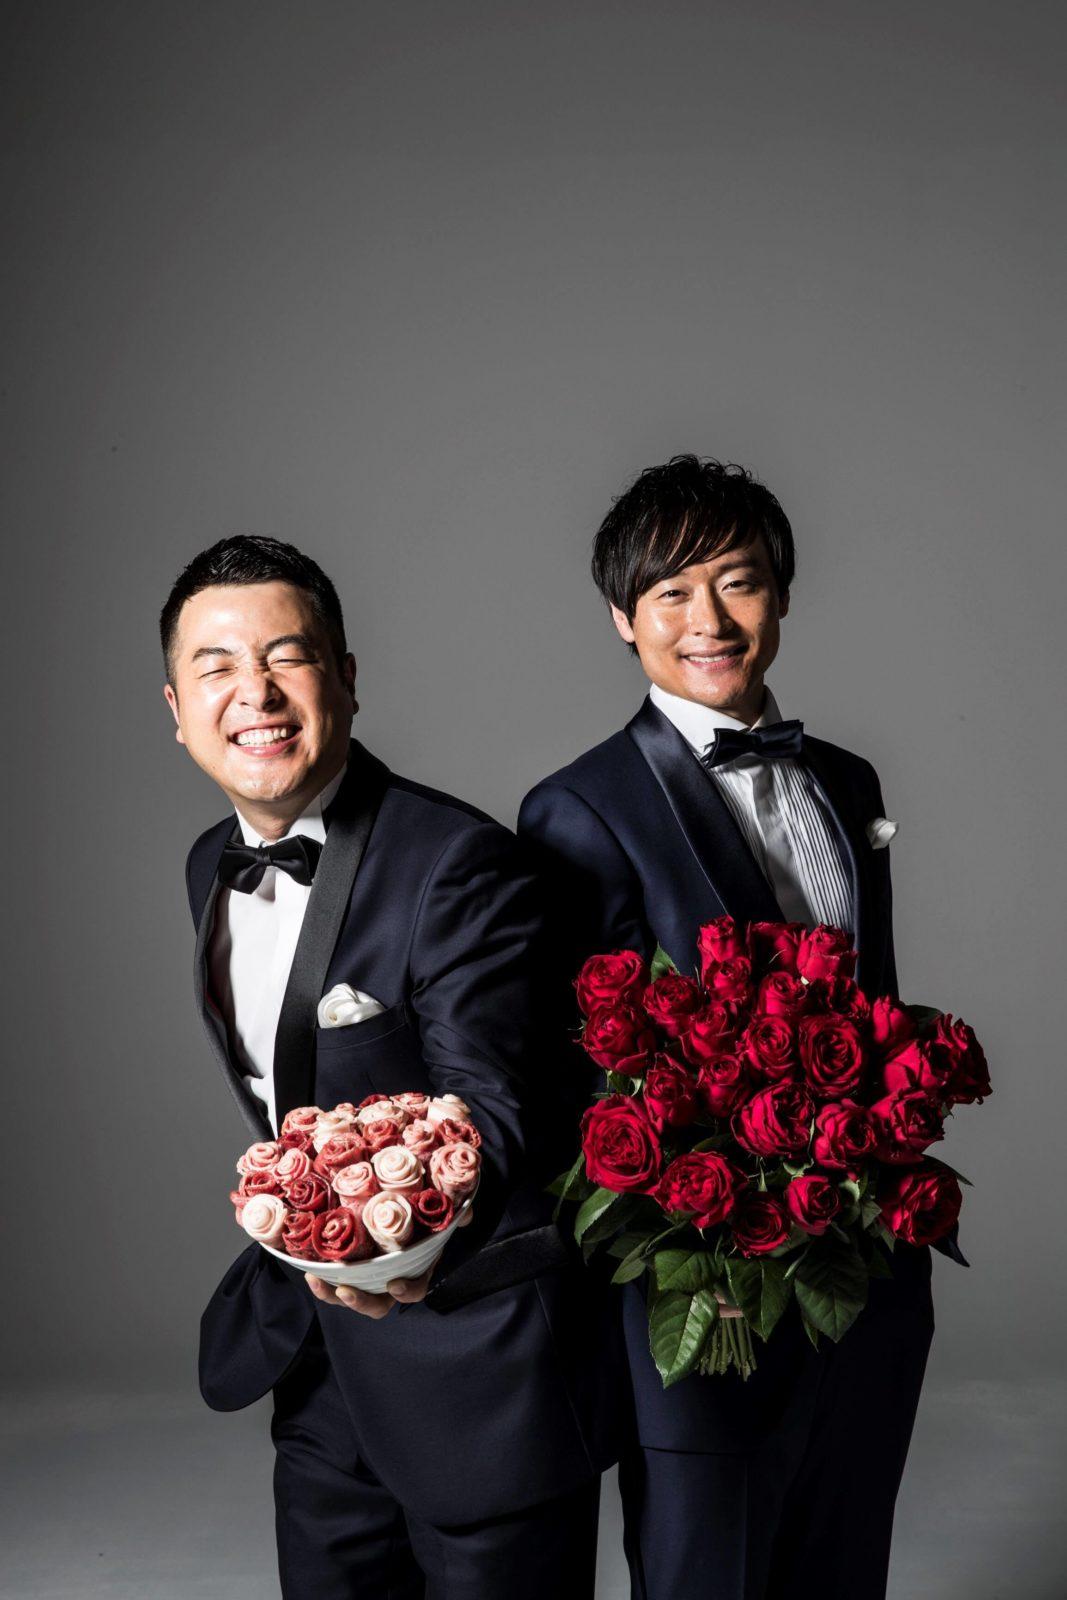 お笑いコンビ・和牛、牛バラ肉の花束を持つタキシードショット公開&理想の結婚相手についても語るサムネイル画像